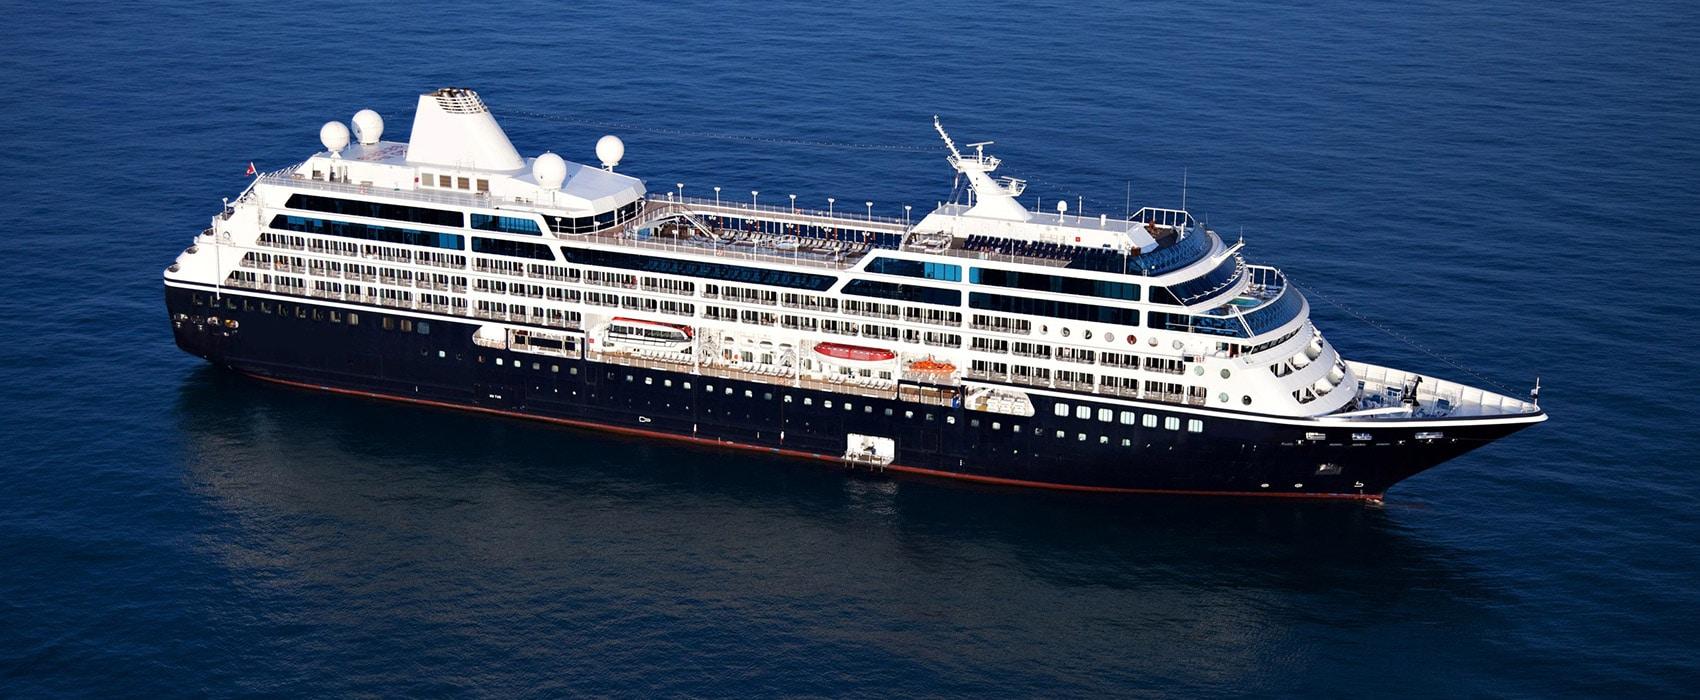 Desire Barcelona-Rome Cruise